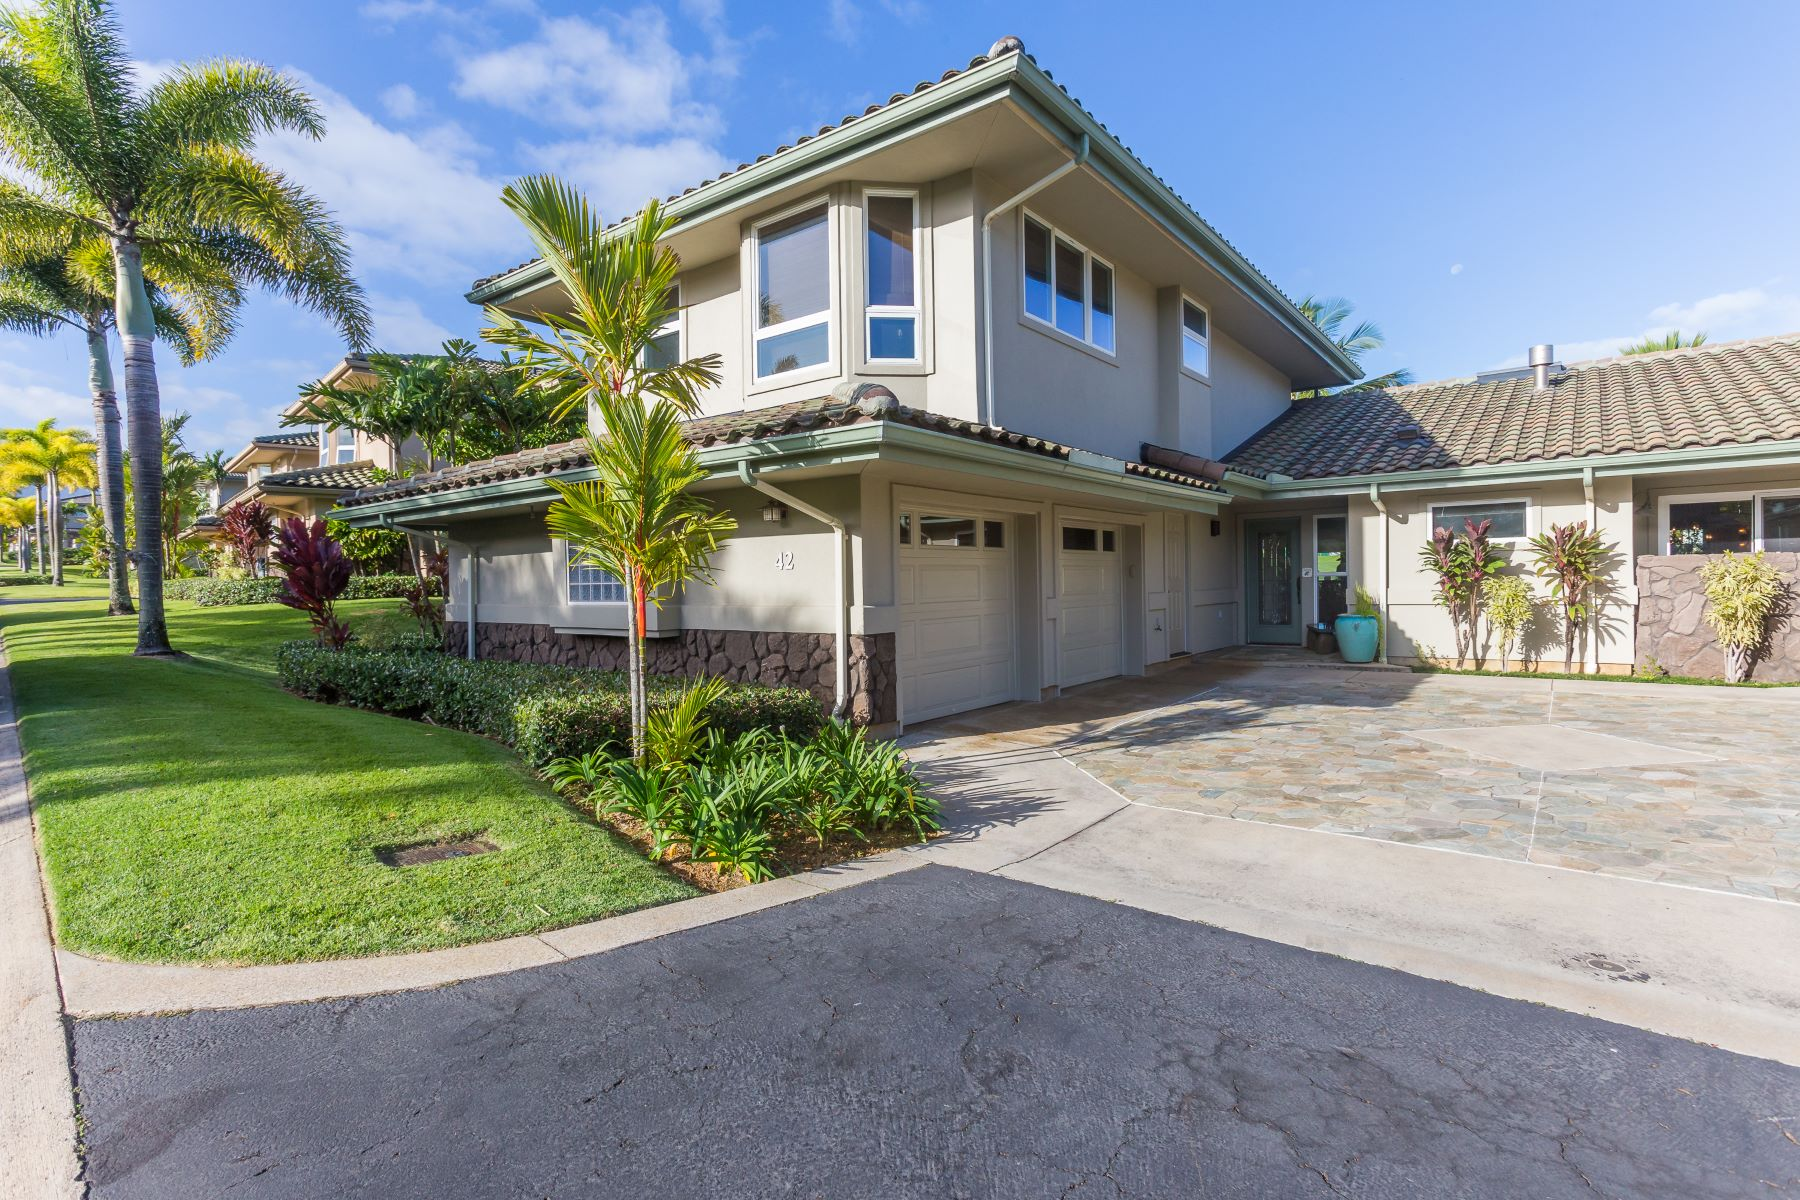 联栋屋 为 销售 在 Kaiulani of Princeville 4100 Queen Emmas Drive #42 普林斯维尔, 夏威夷 96722 美国